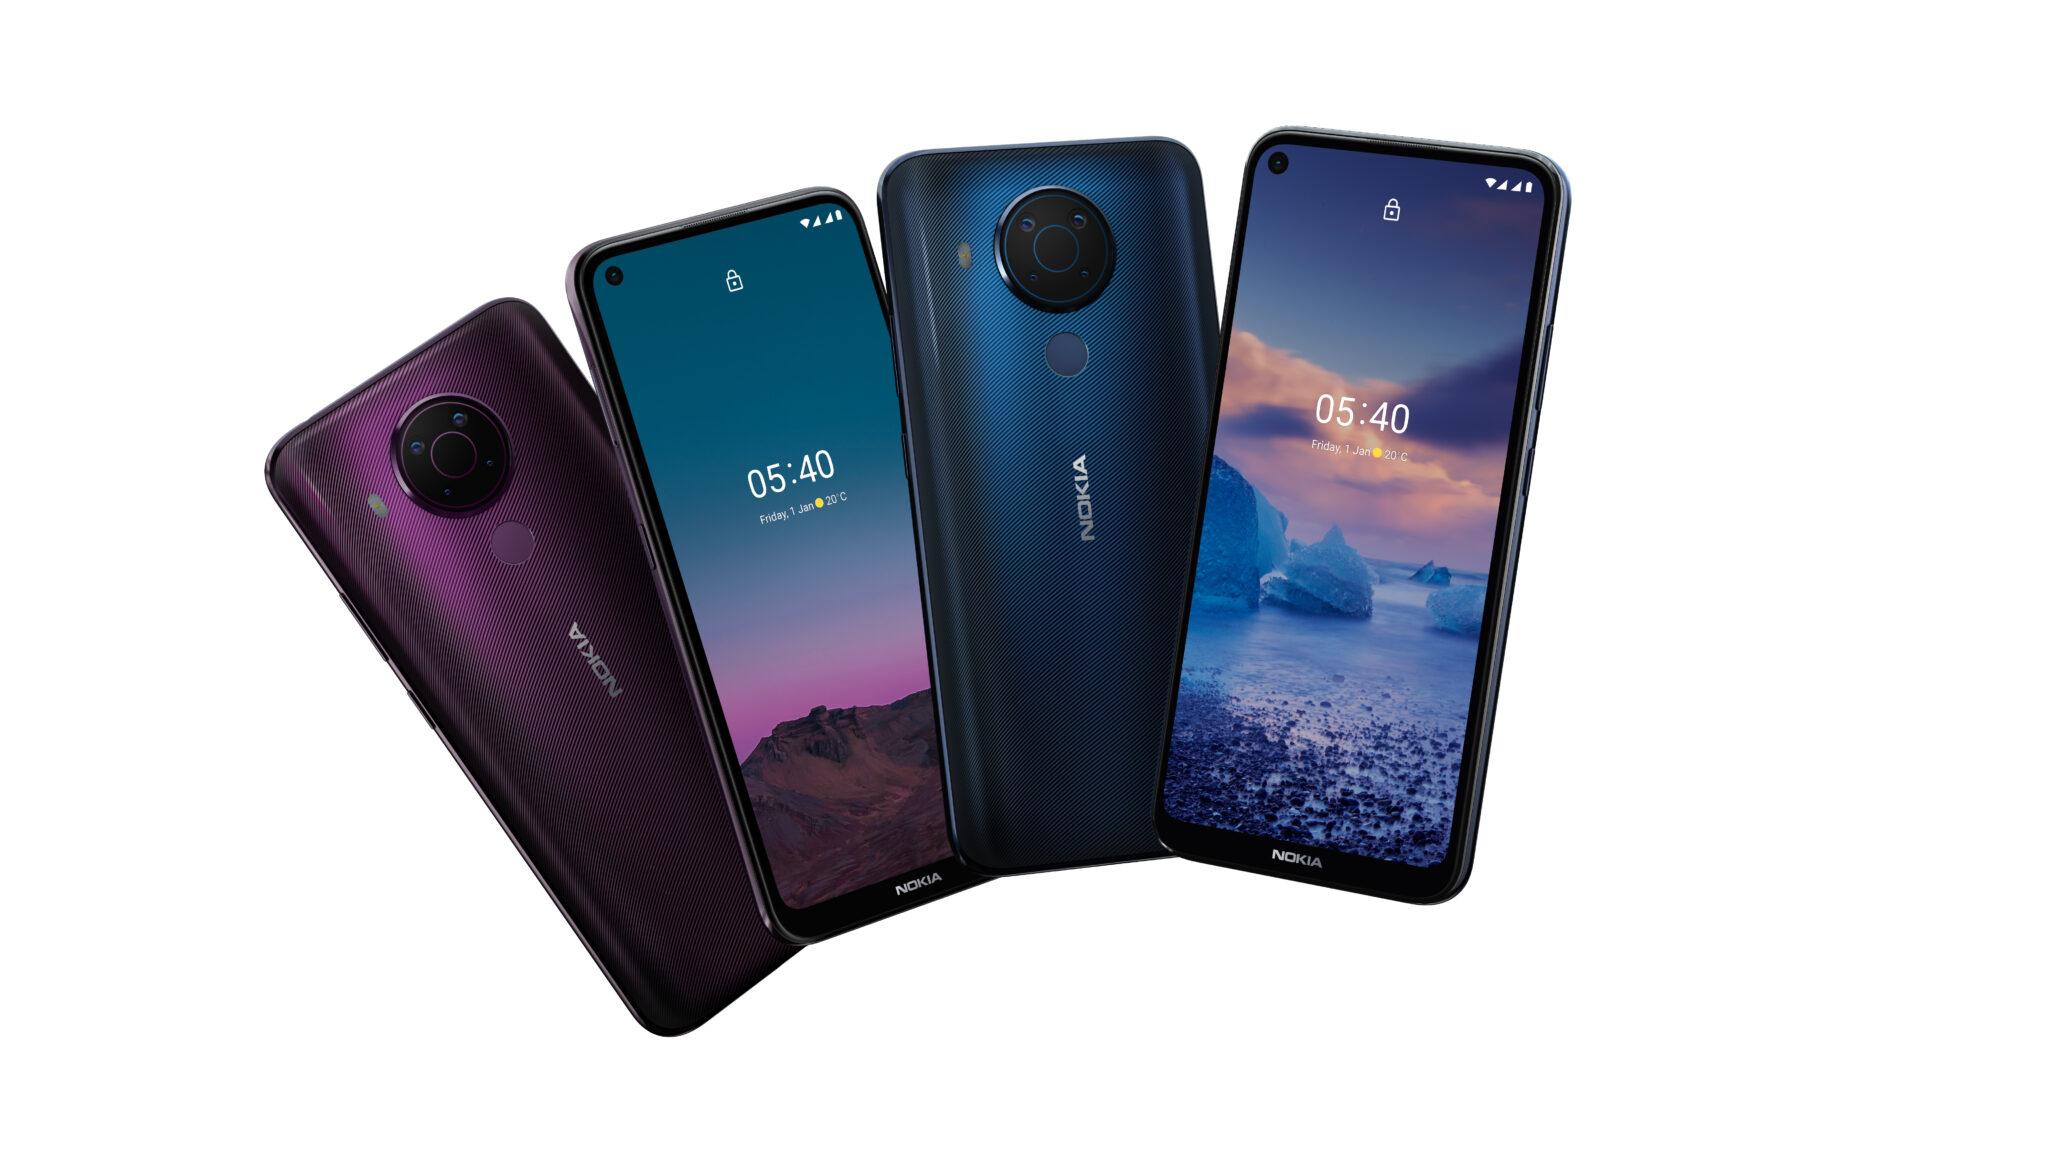 Überarbeitet & verbessert: Nokia 5.4 vorgestellt